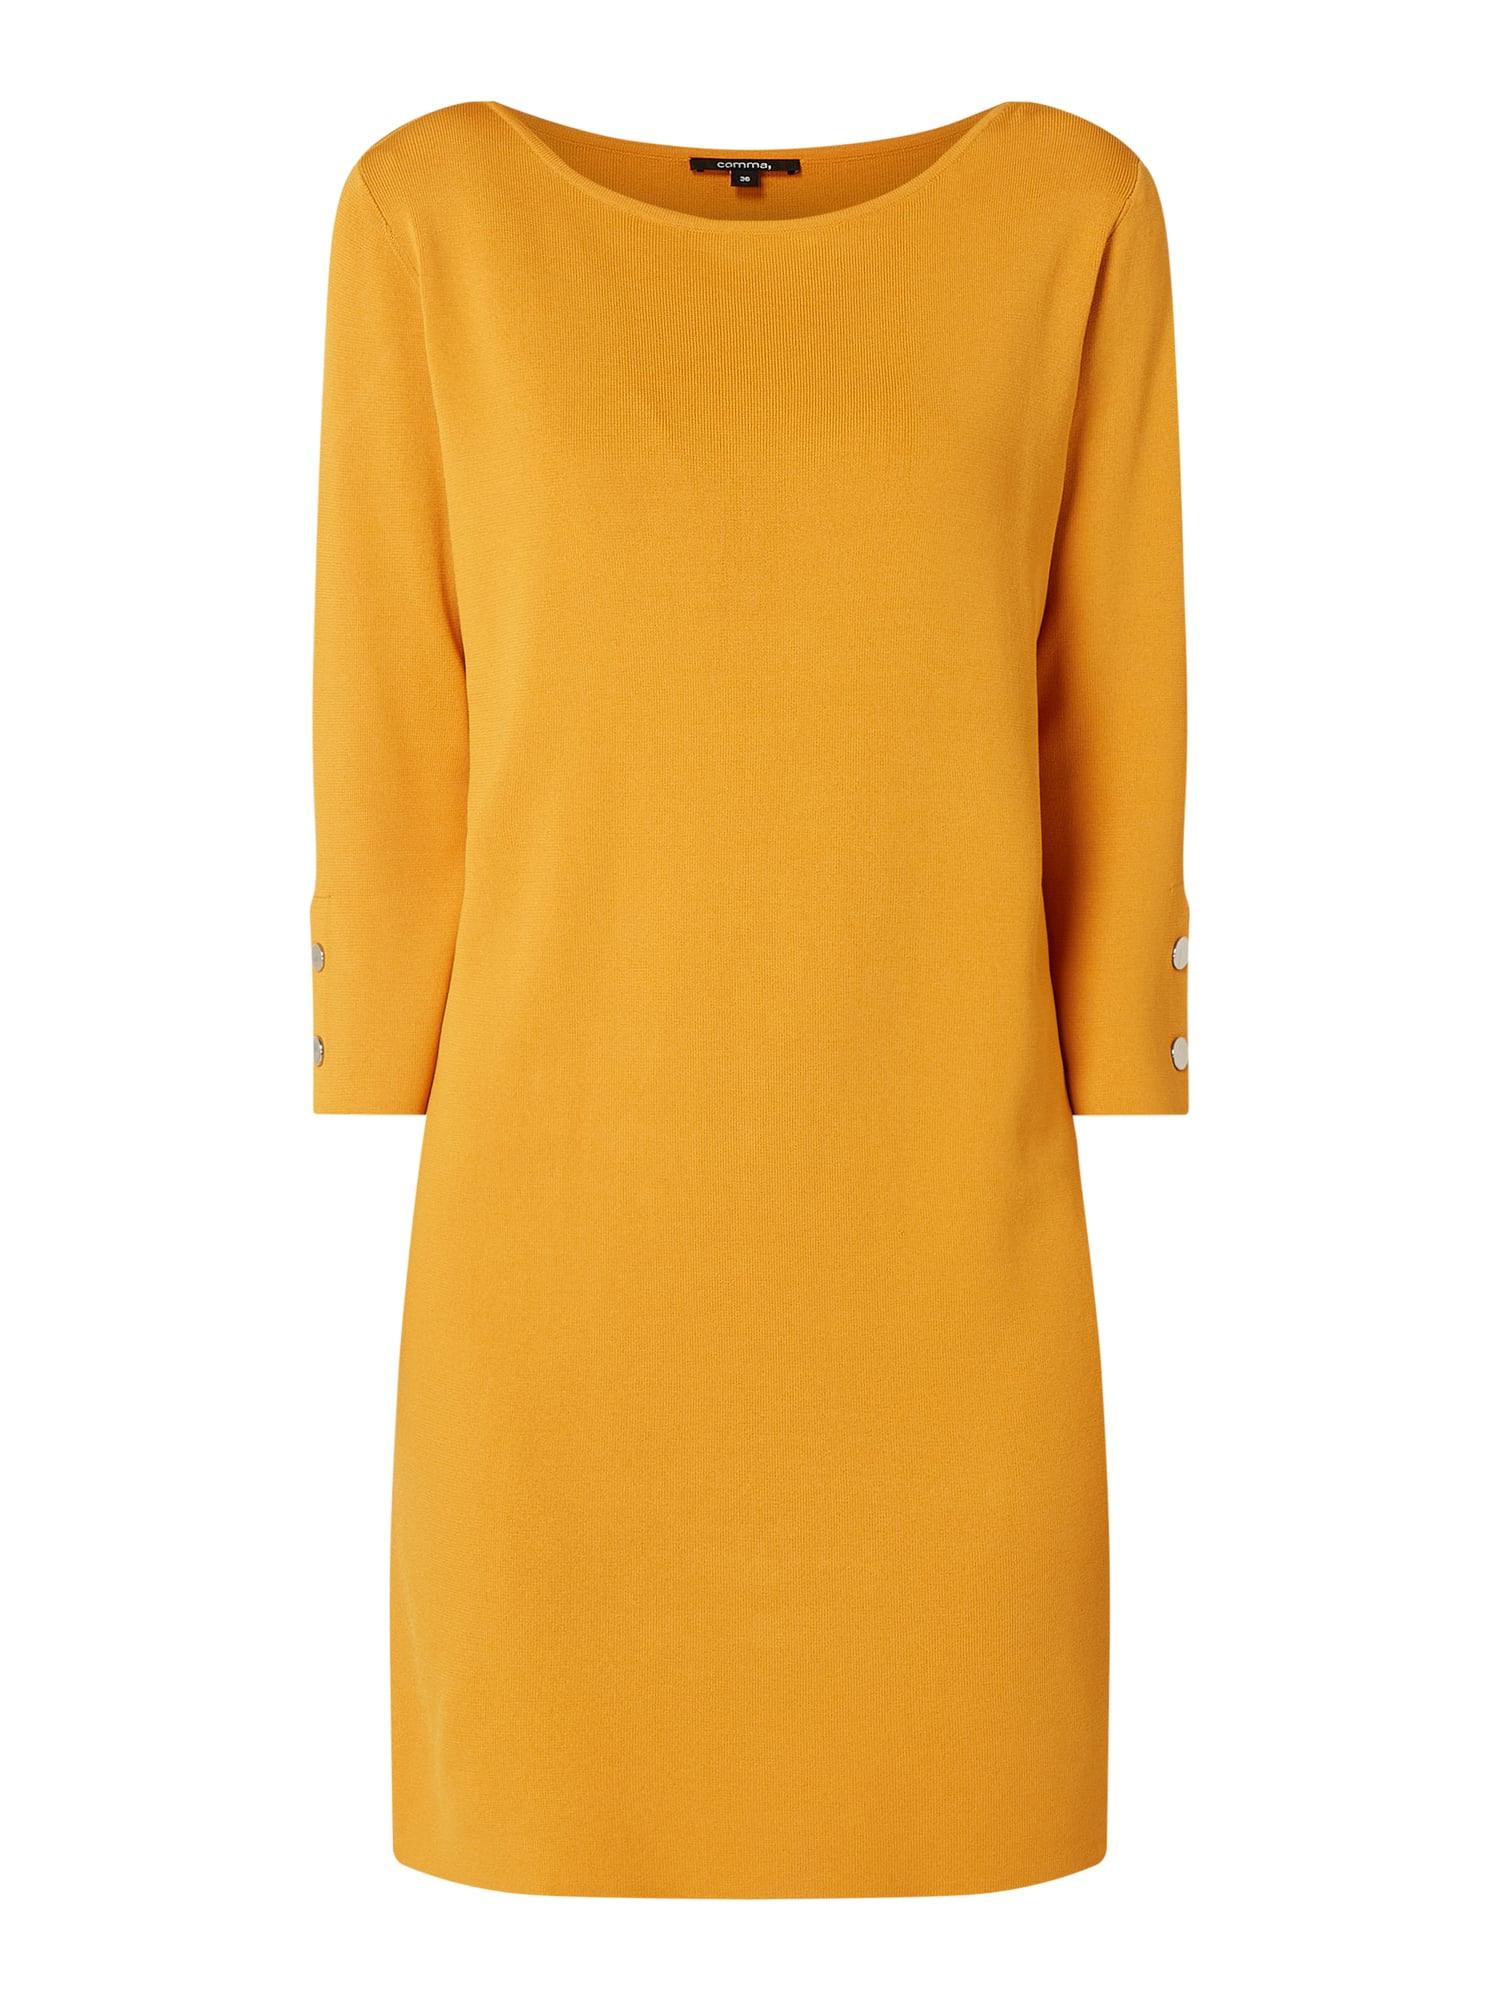 Comma Kleid Mit 3/4Arm In Gelb Online Kaufen 1204897 P